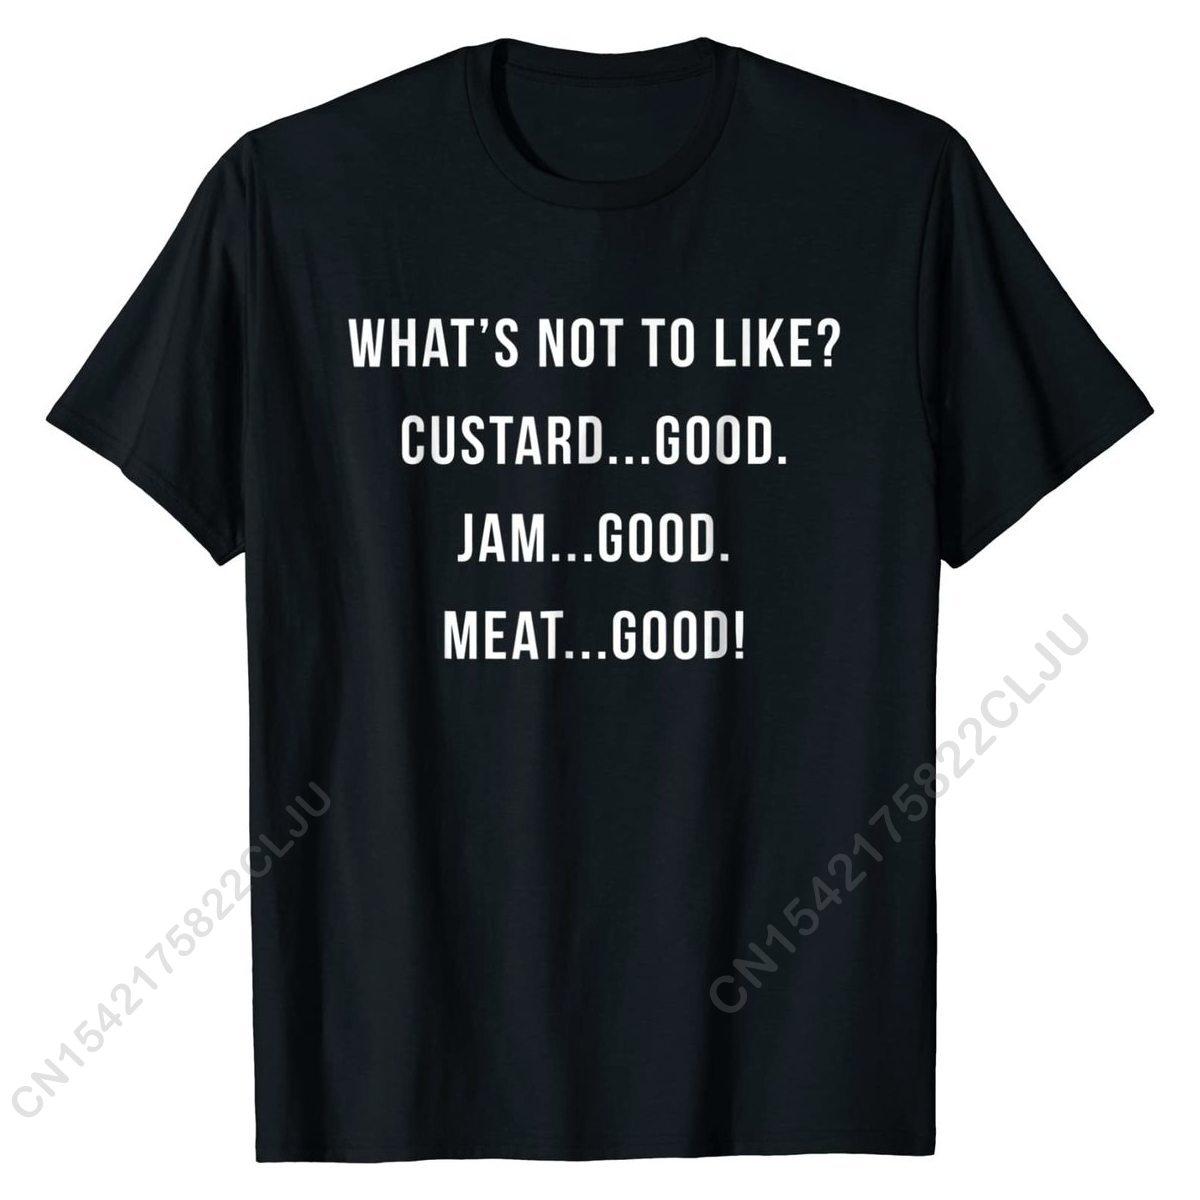 Что не нравится? Повседневные Молодежные футболки с изображением заварного джема мяса, новейшие хлопковые топы, мужские футболки, уличные ф...